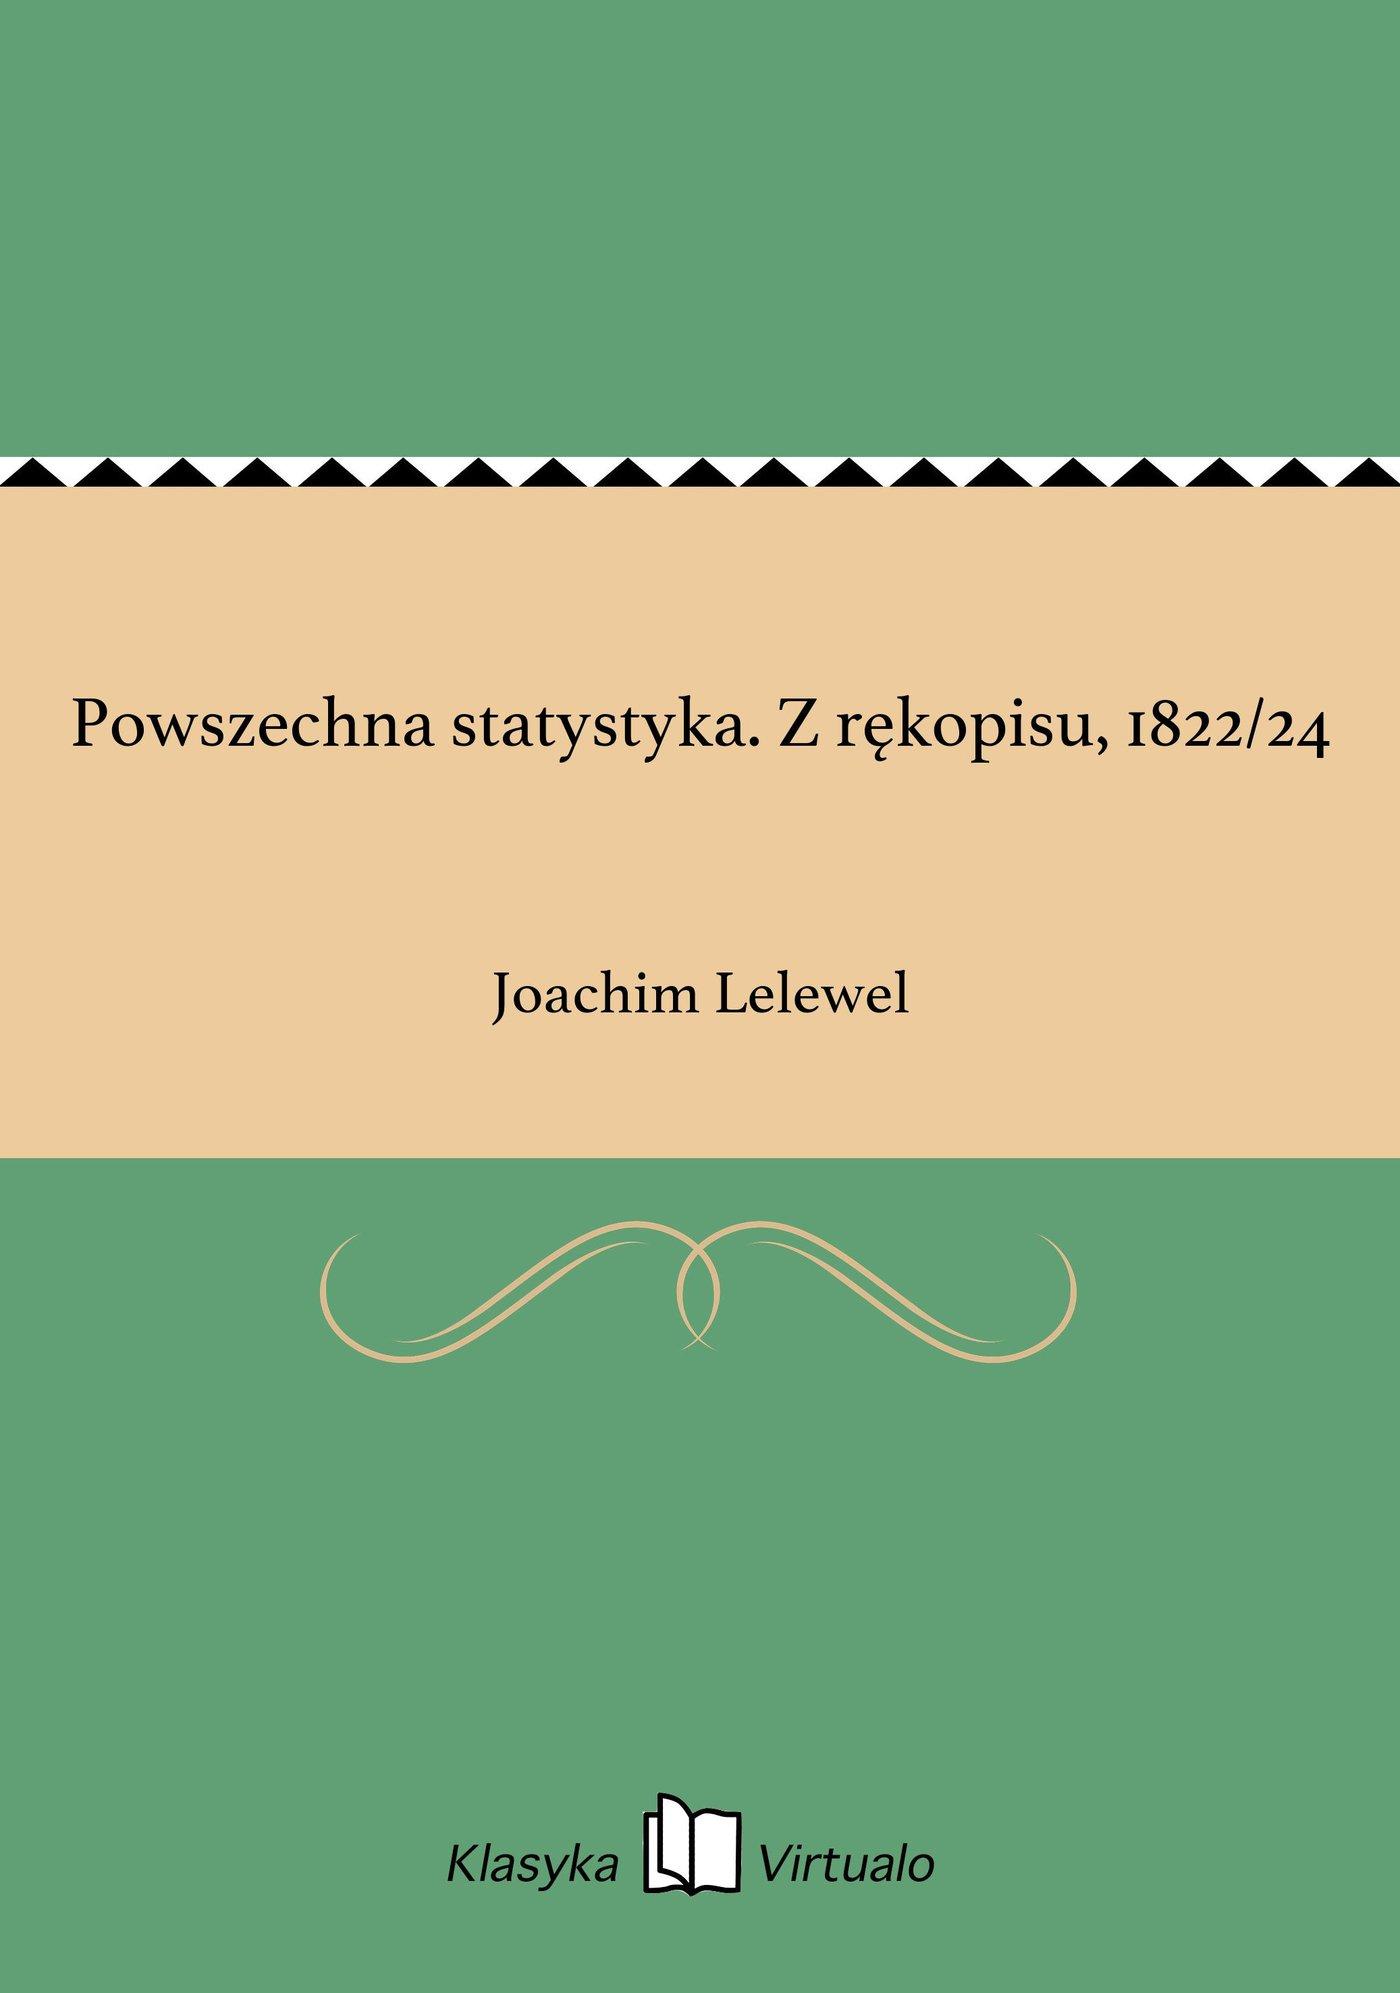 Powszechna statystyka. Z rękopisu, 1822/24 - Ebook (Książka na Kindle) do pobrania w formacie MOBI